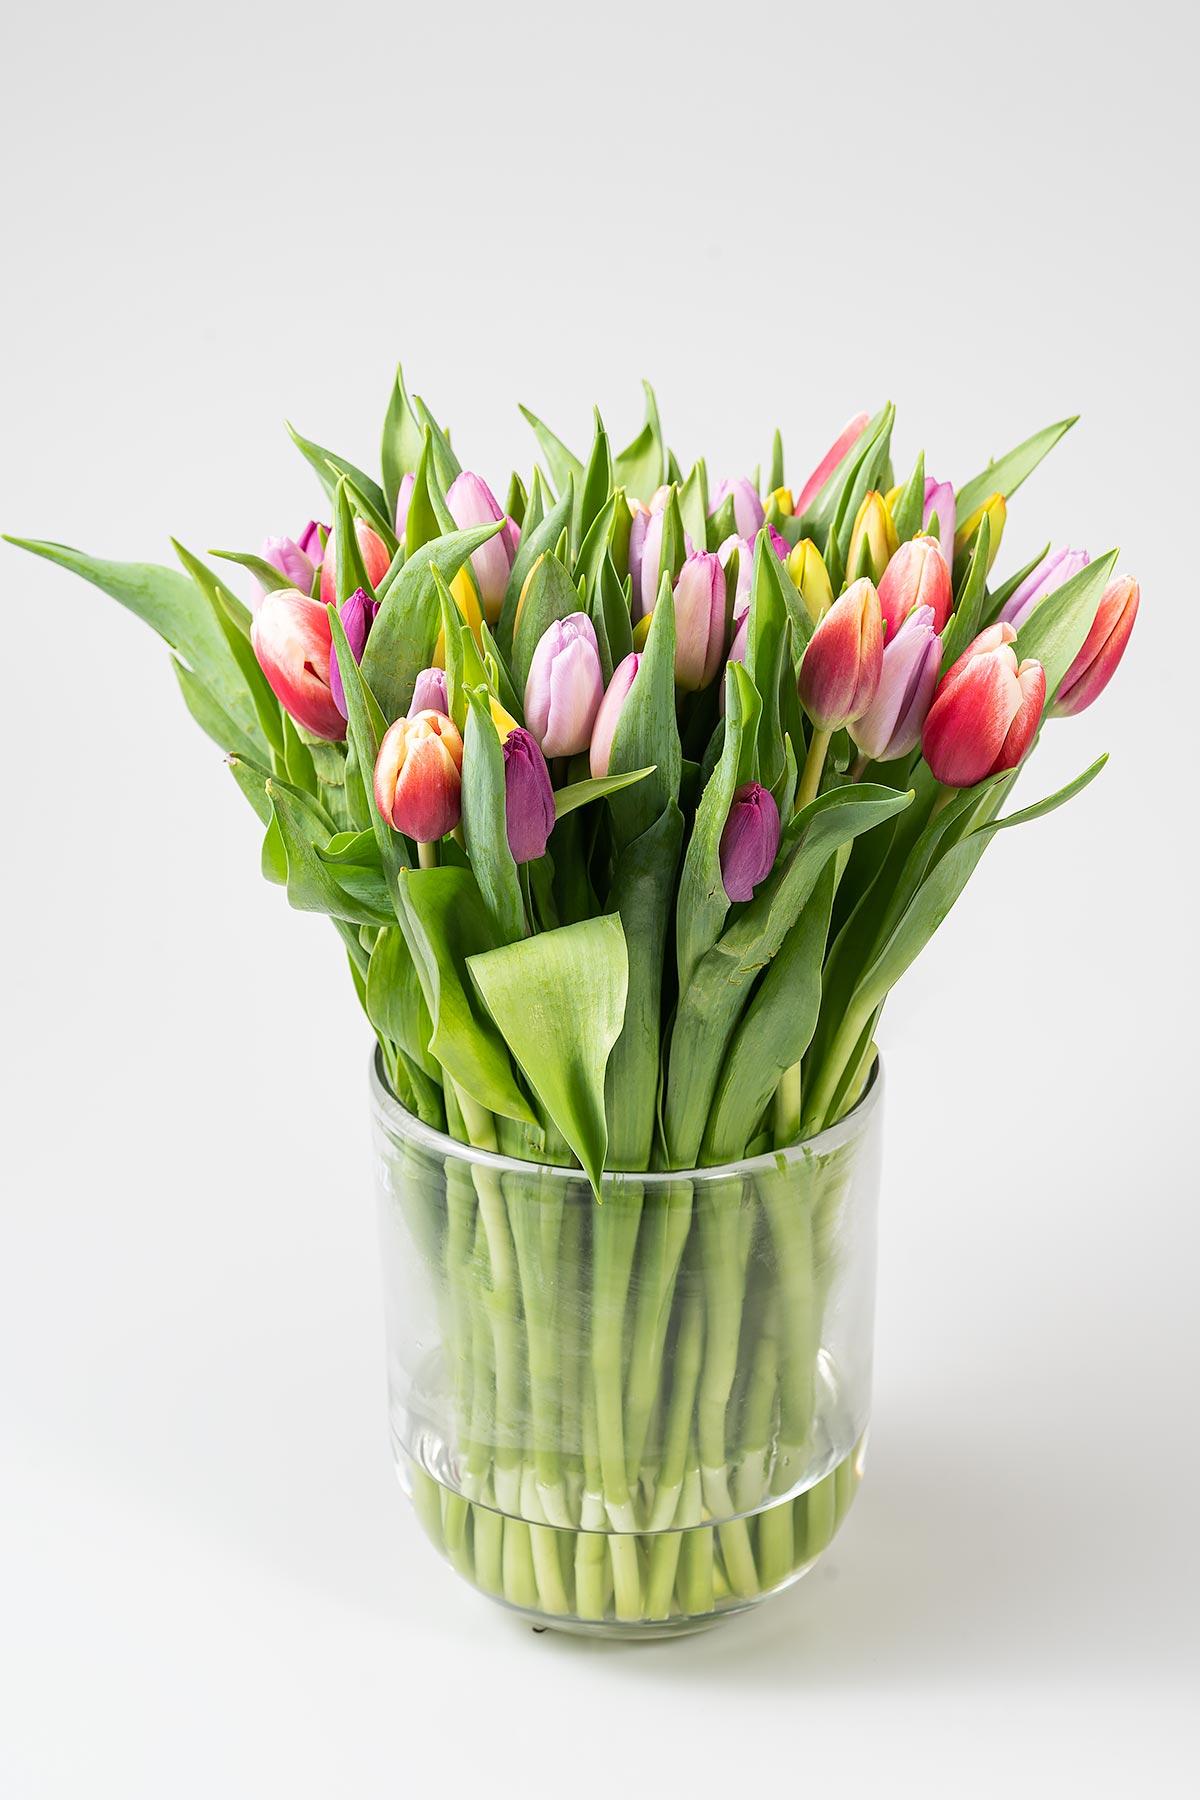 50 bunte Tulpen (oder andere Farbvarianten) für 24,99€ inkl. VSK